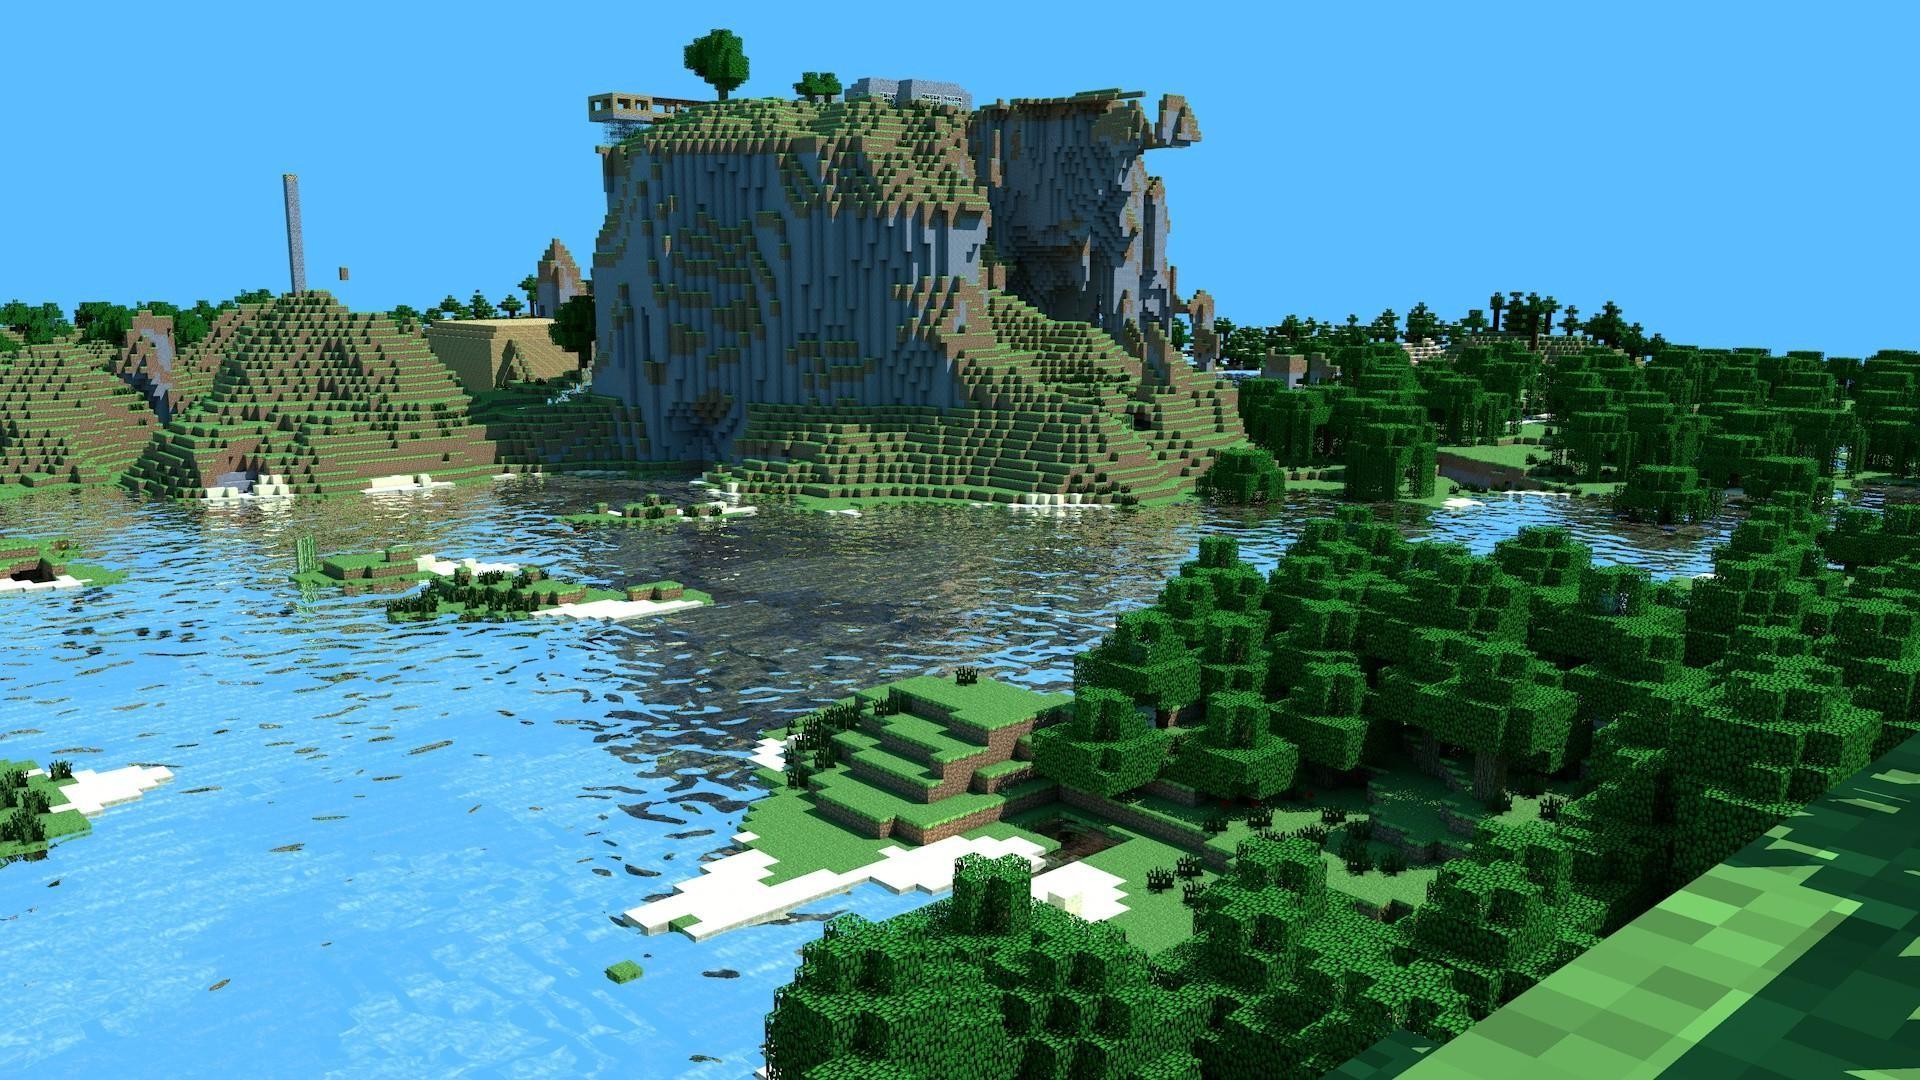 Sfondi minecraft hd 73 immagini for Immagini minecraft hd